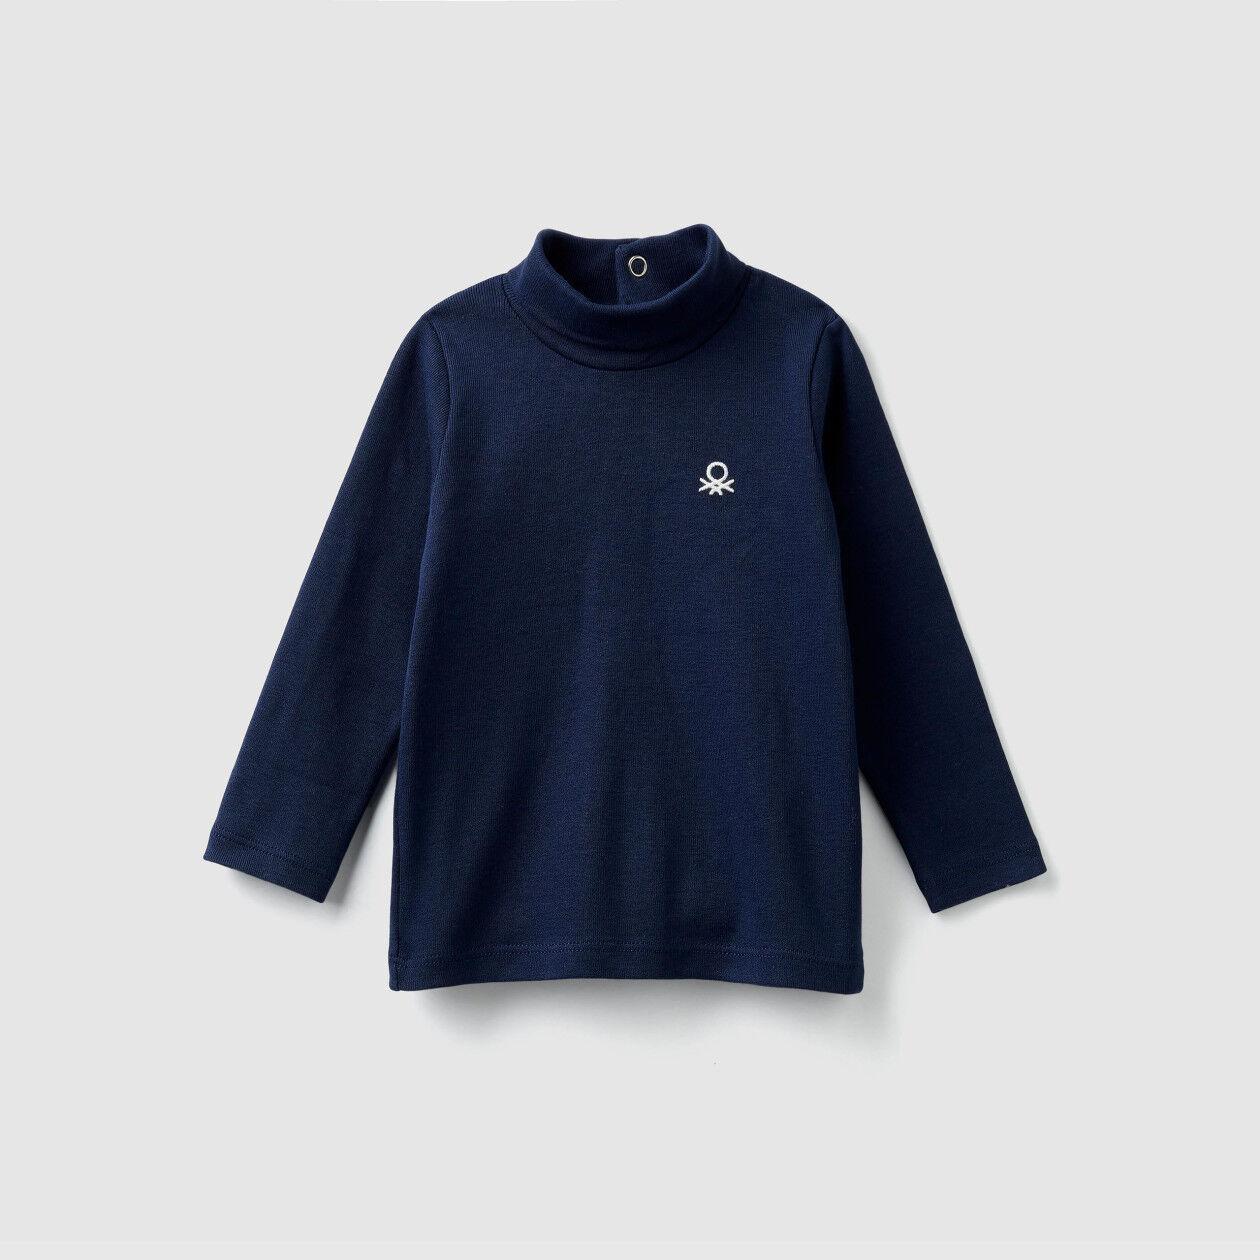 T-shirt ζιβάγκο από οργανικό βαμβακερό